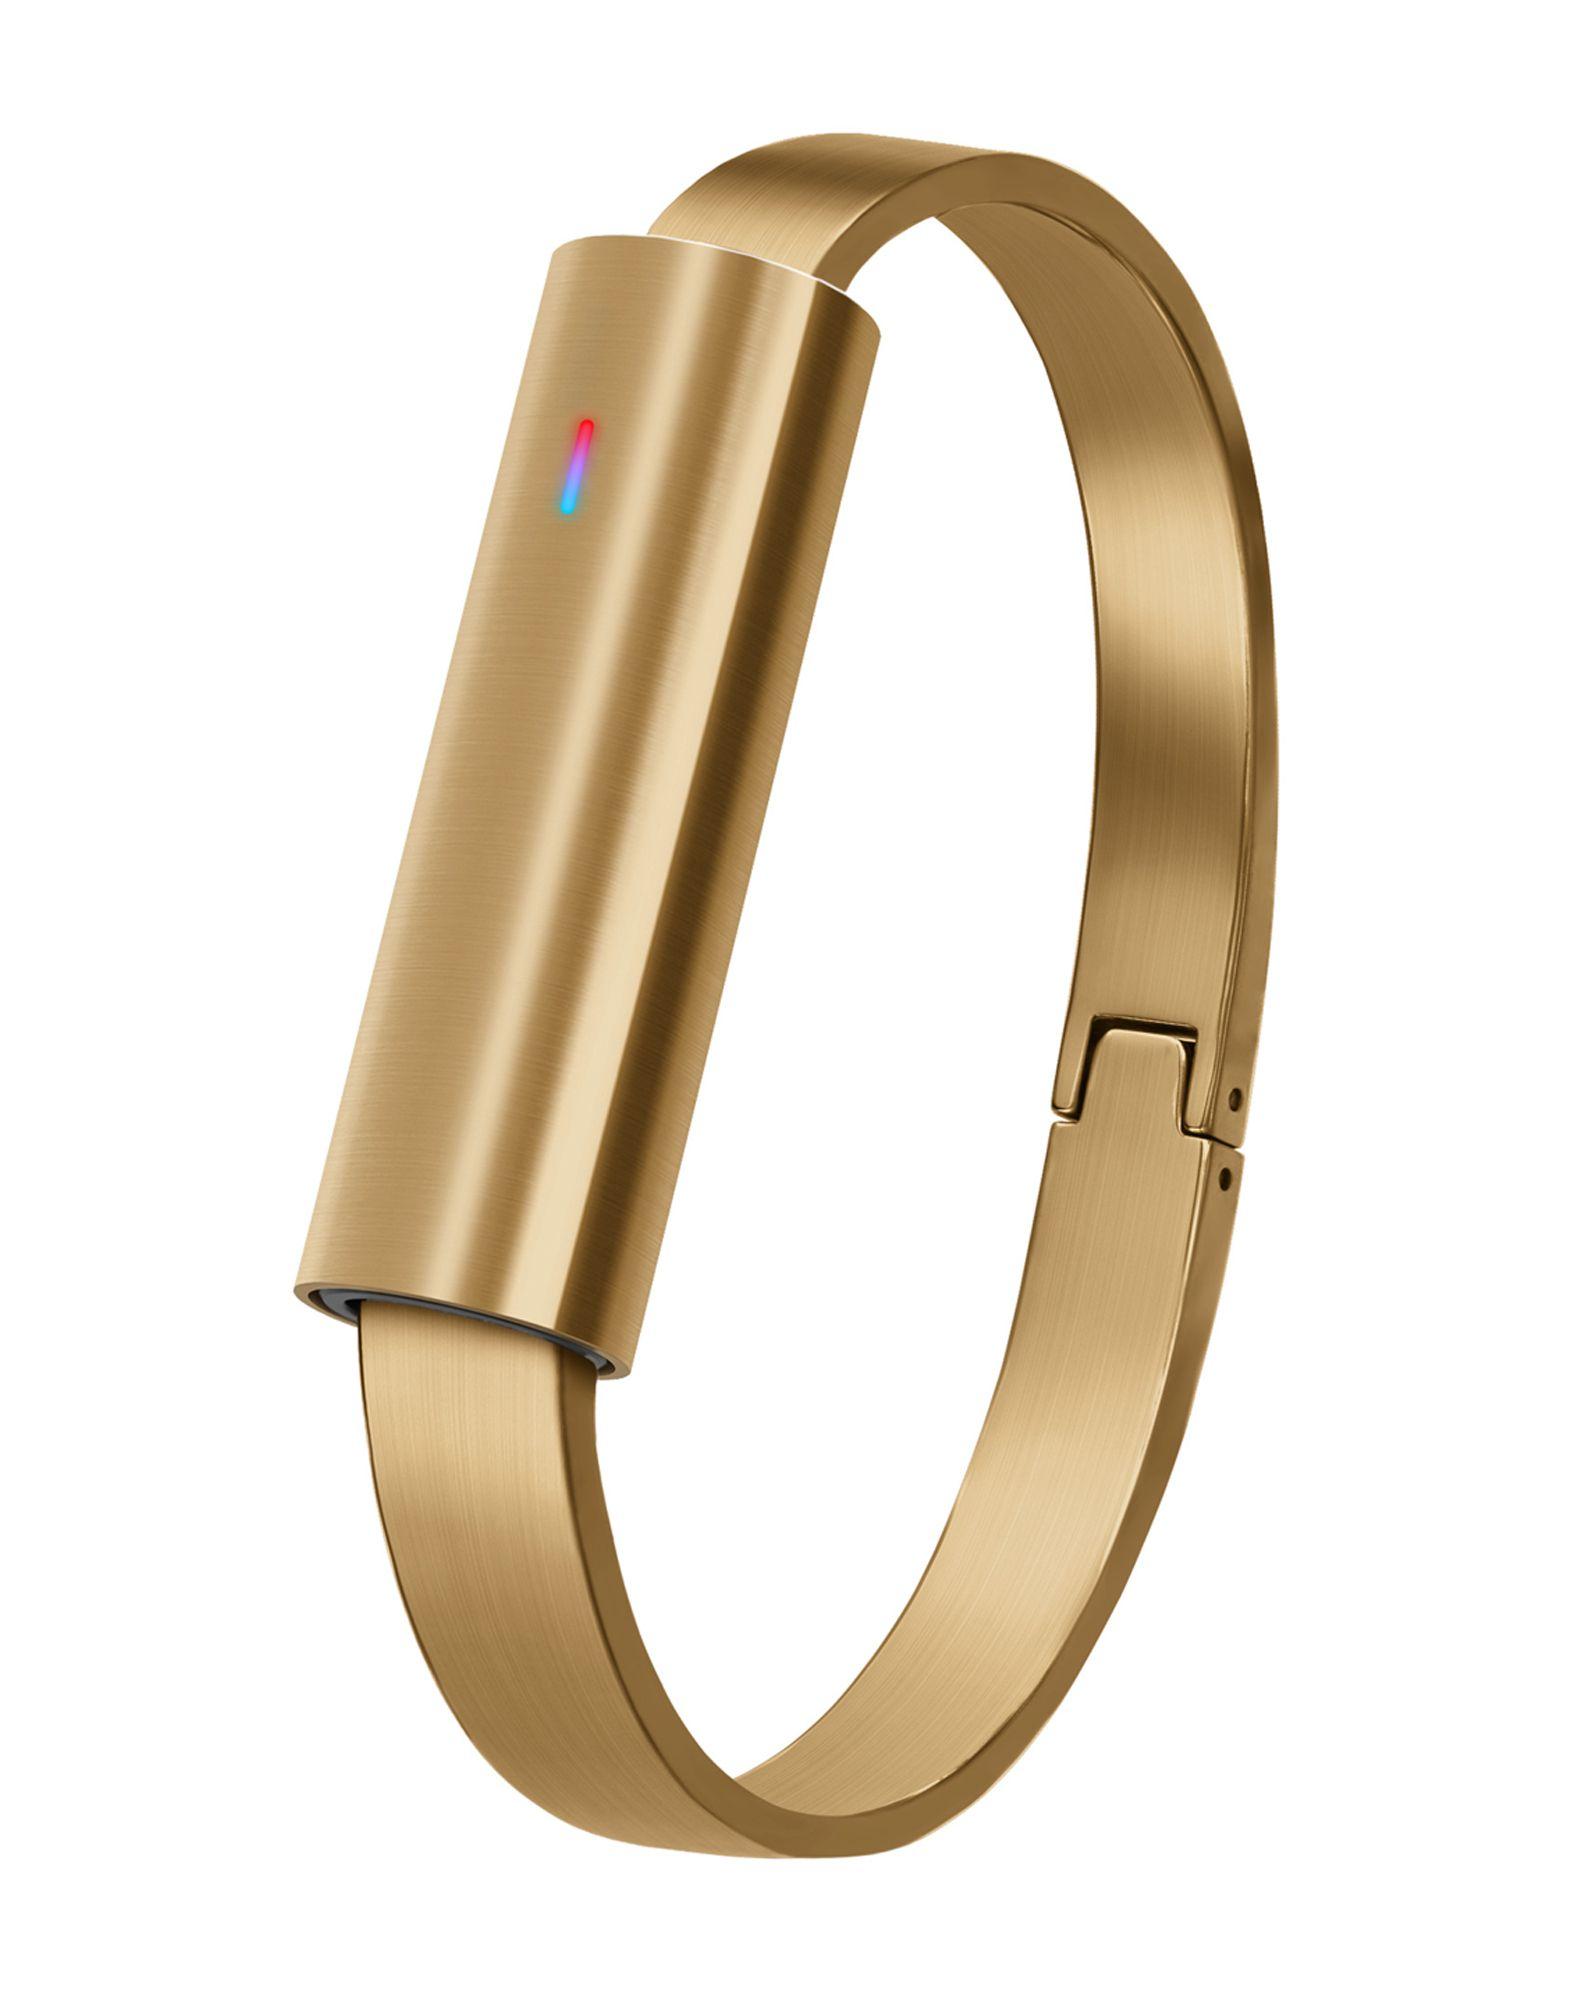 MISFIT Unisex Smartwatch Farbe Gold Größe 1